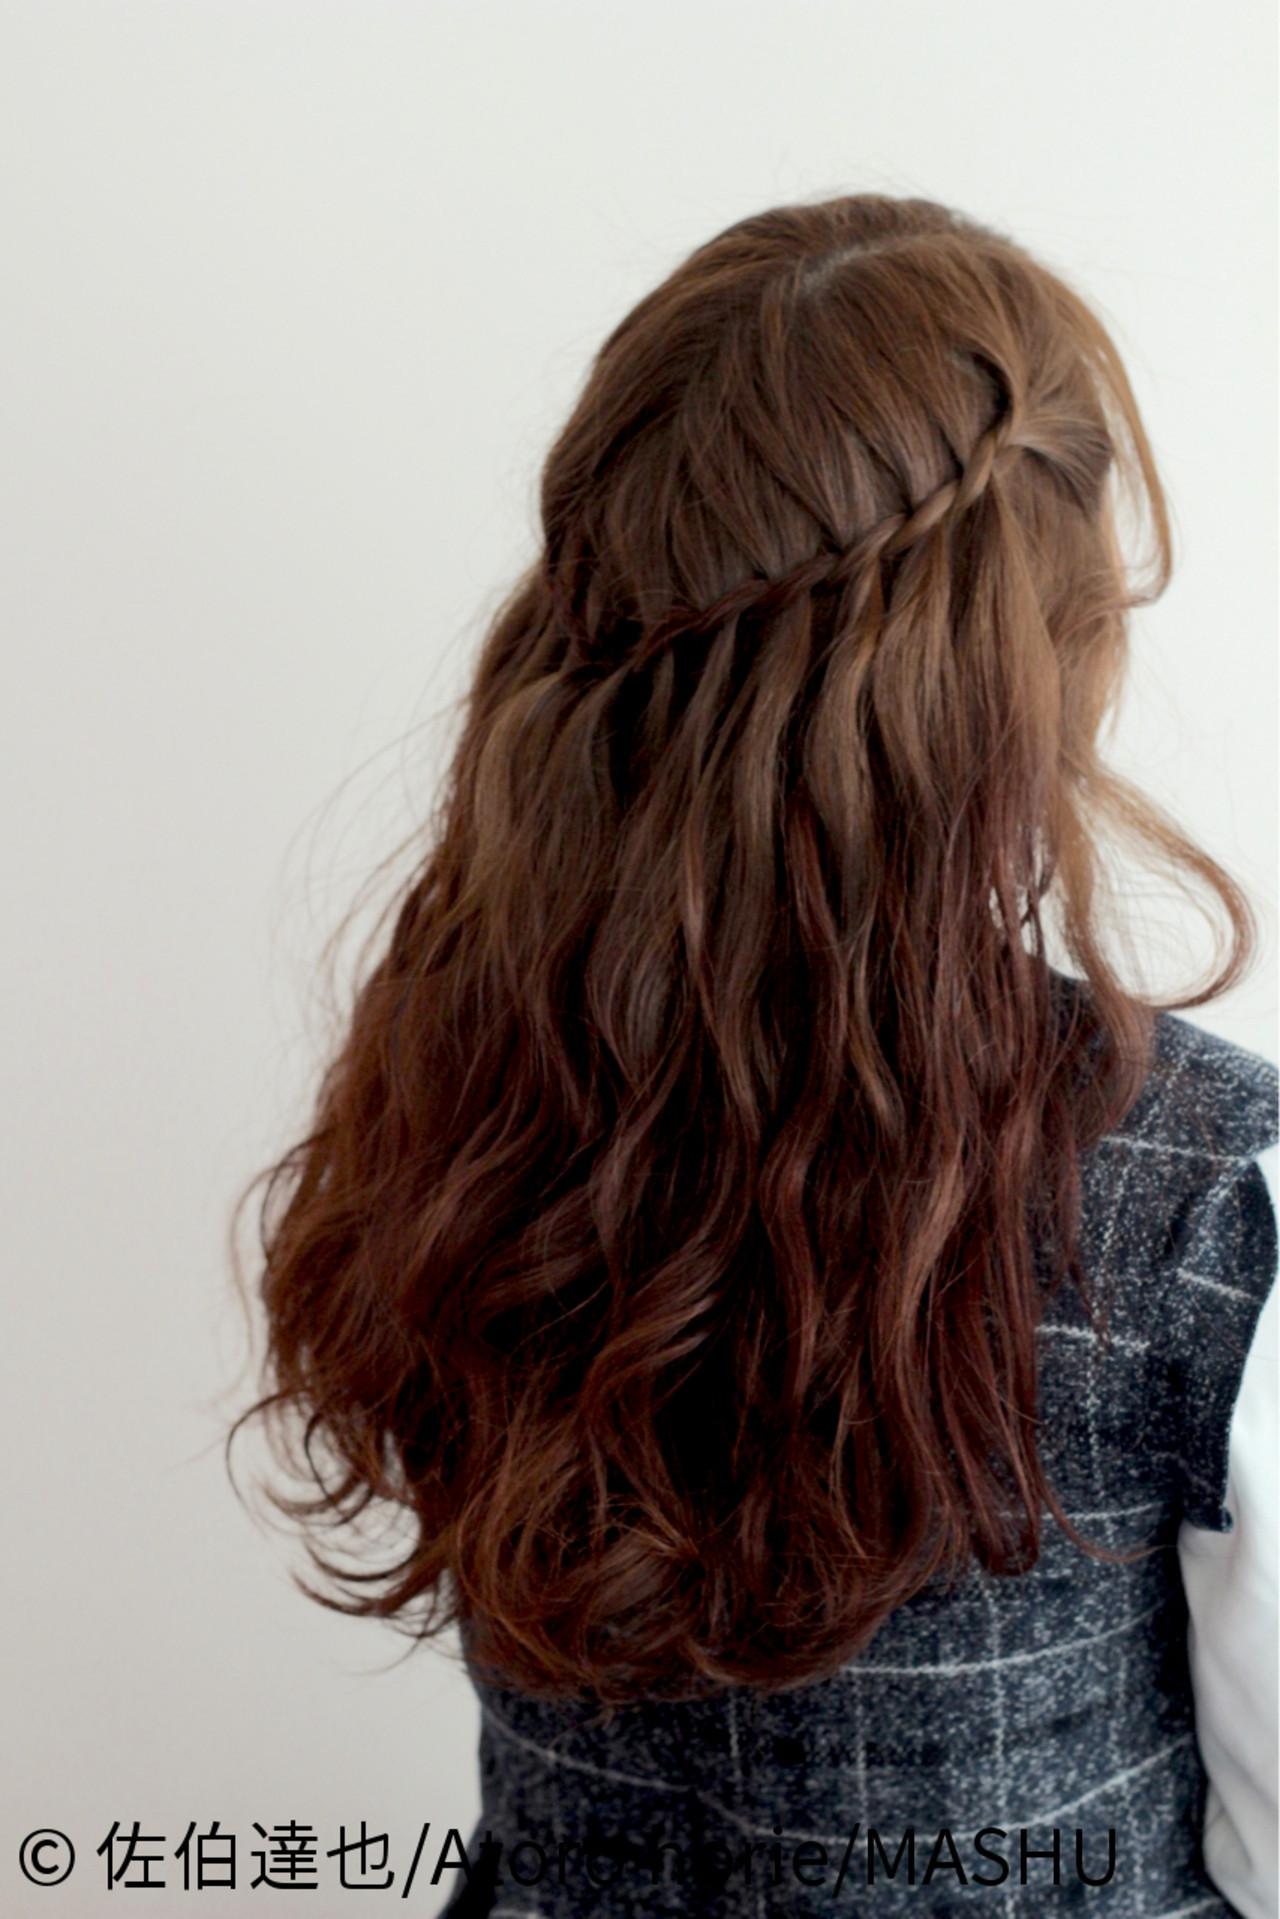 ゆるふわ ウォーターフォール ロング 外国人風 ヘアスタイルや髪型の写真・画像